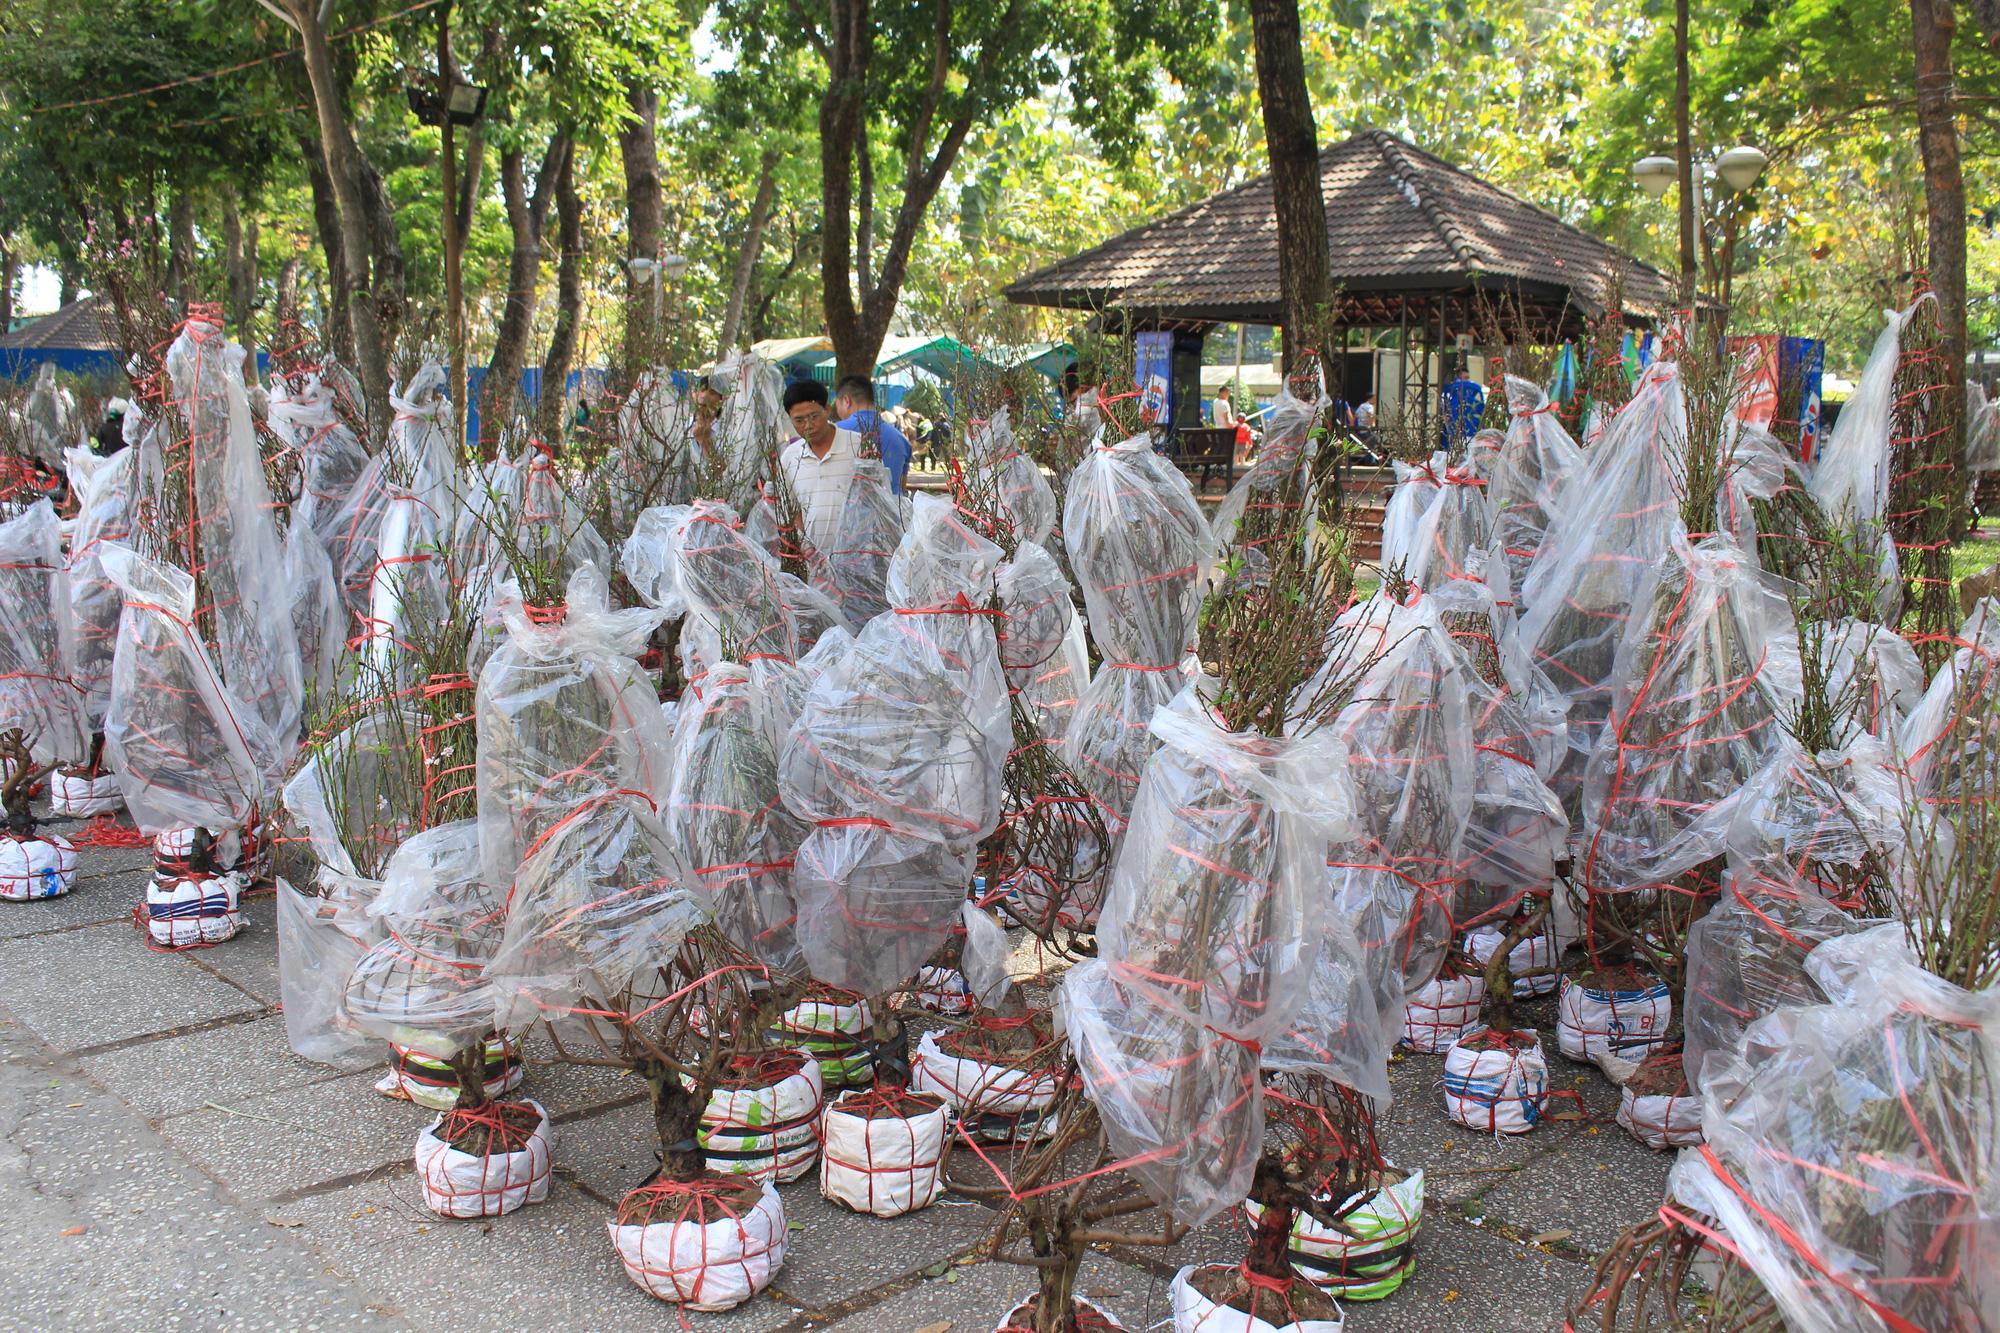 Trưa 30 Tết, mai, đào, hướng dương bán rẻ như cho 50.000 đồng một cây ở chợ hoa Sài Gòn - Ảnh 6.